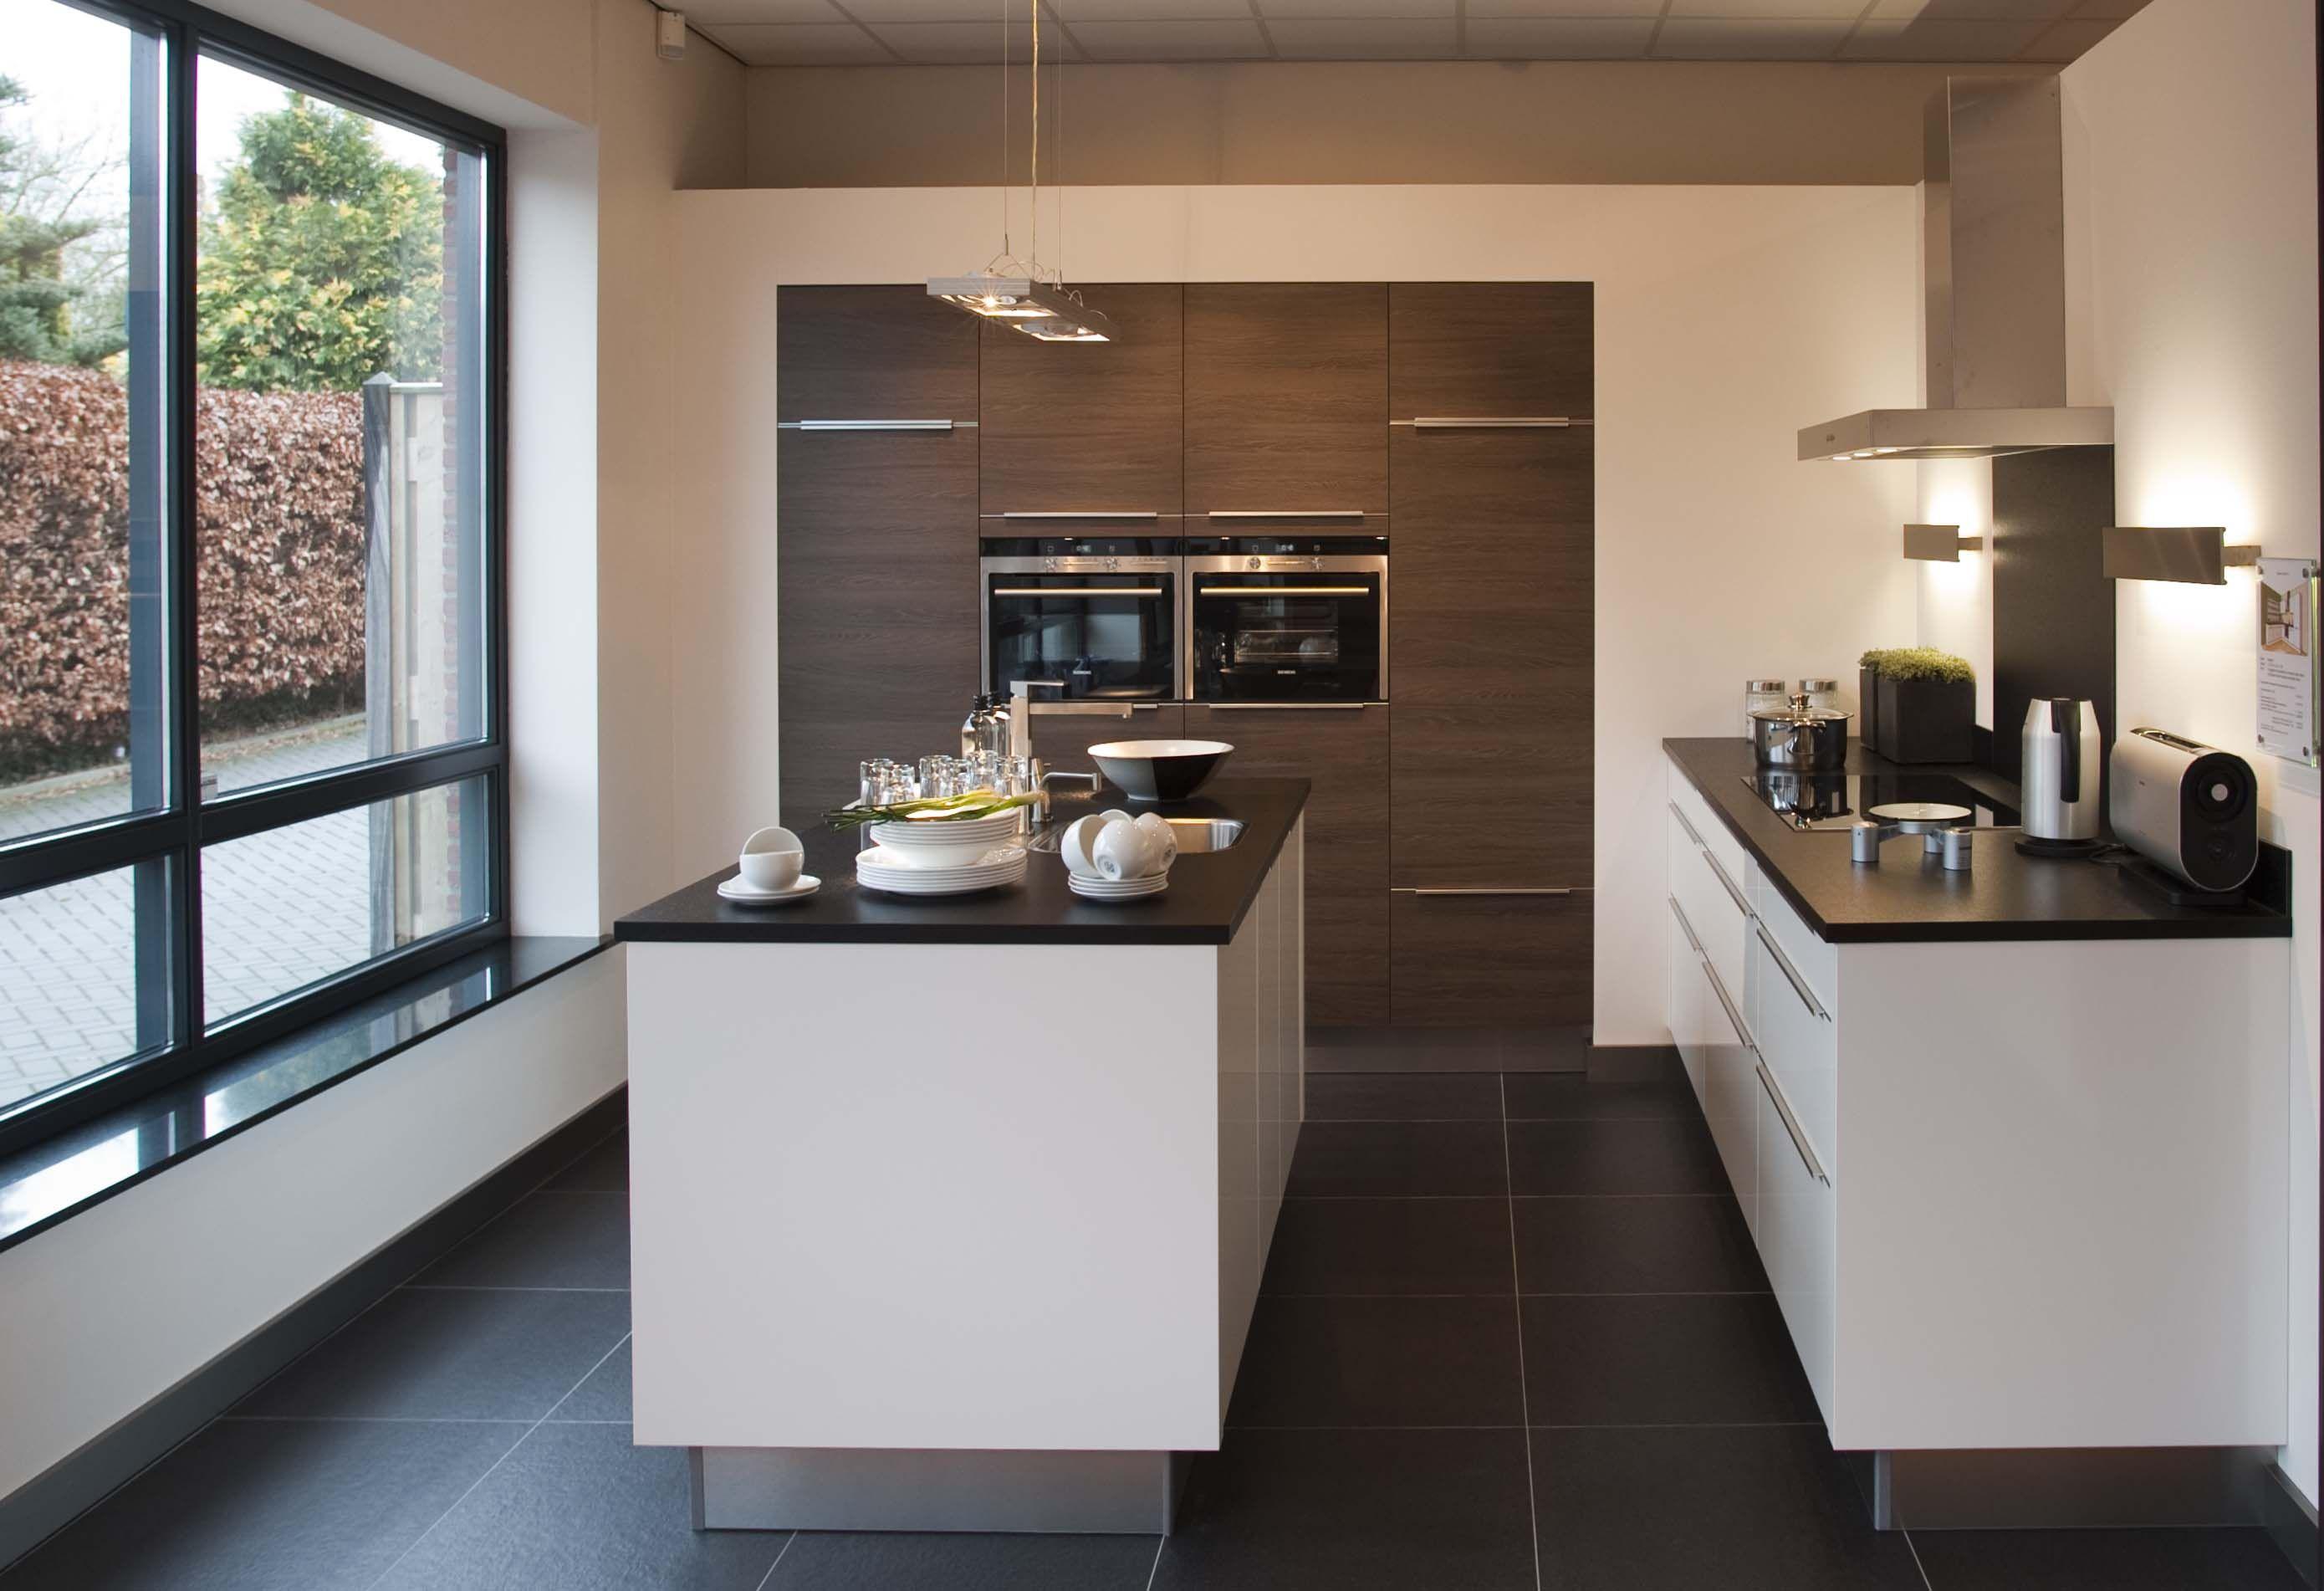 Compacte Keuken Met Eiland : keukens voor zeer lage keuken prijzen Selectiv keuken [33385